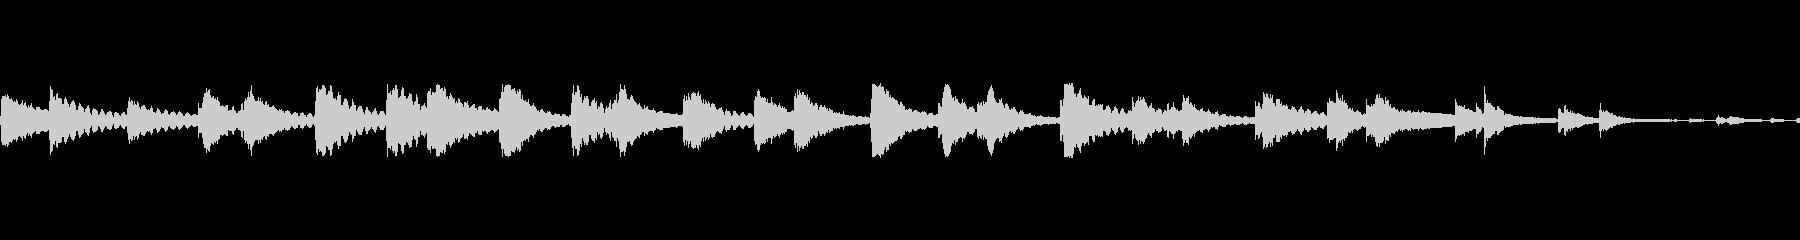 ベルテンプルリング複数lの未再生の波形